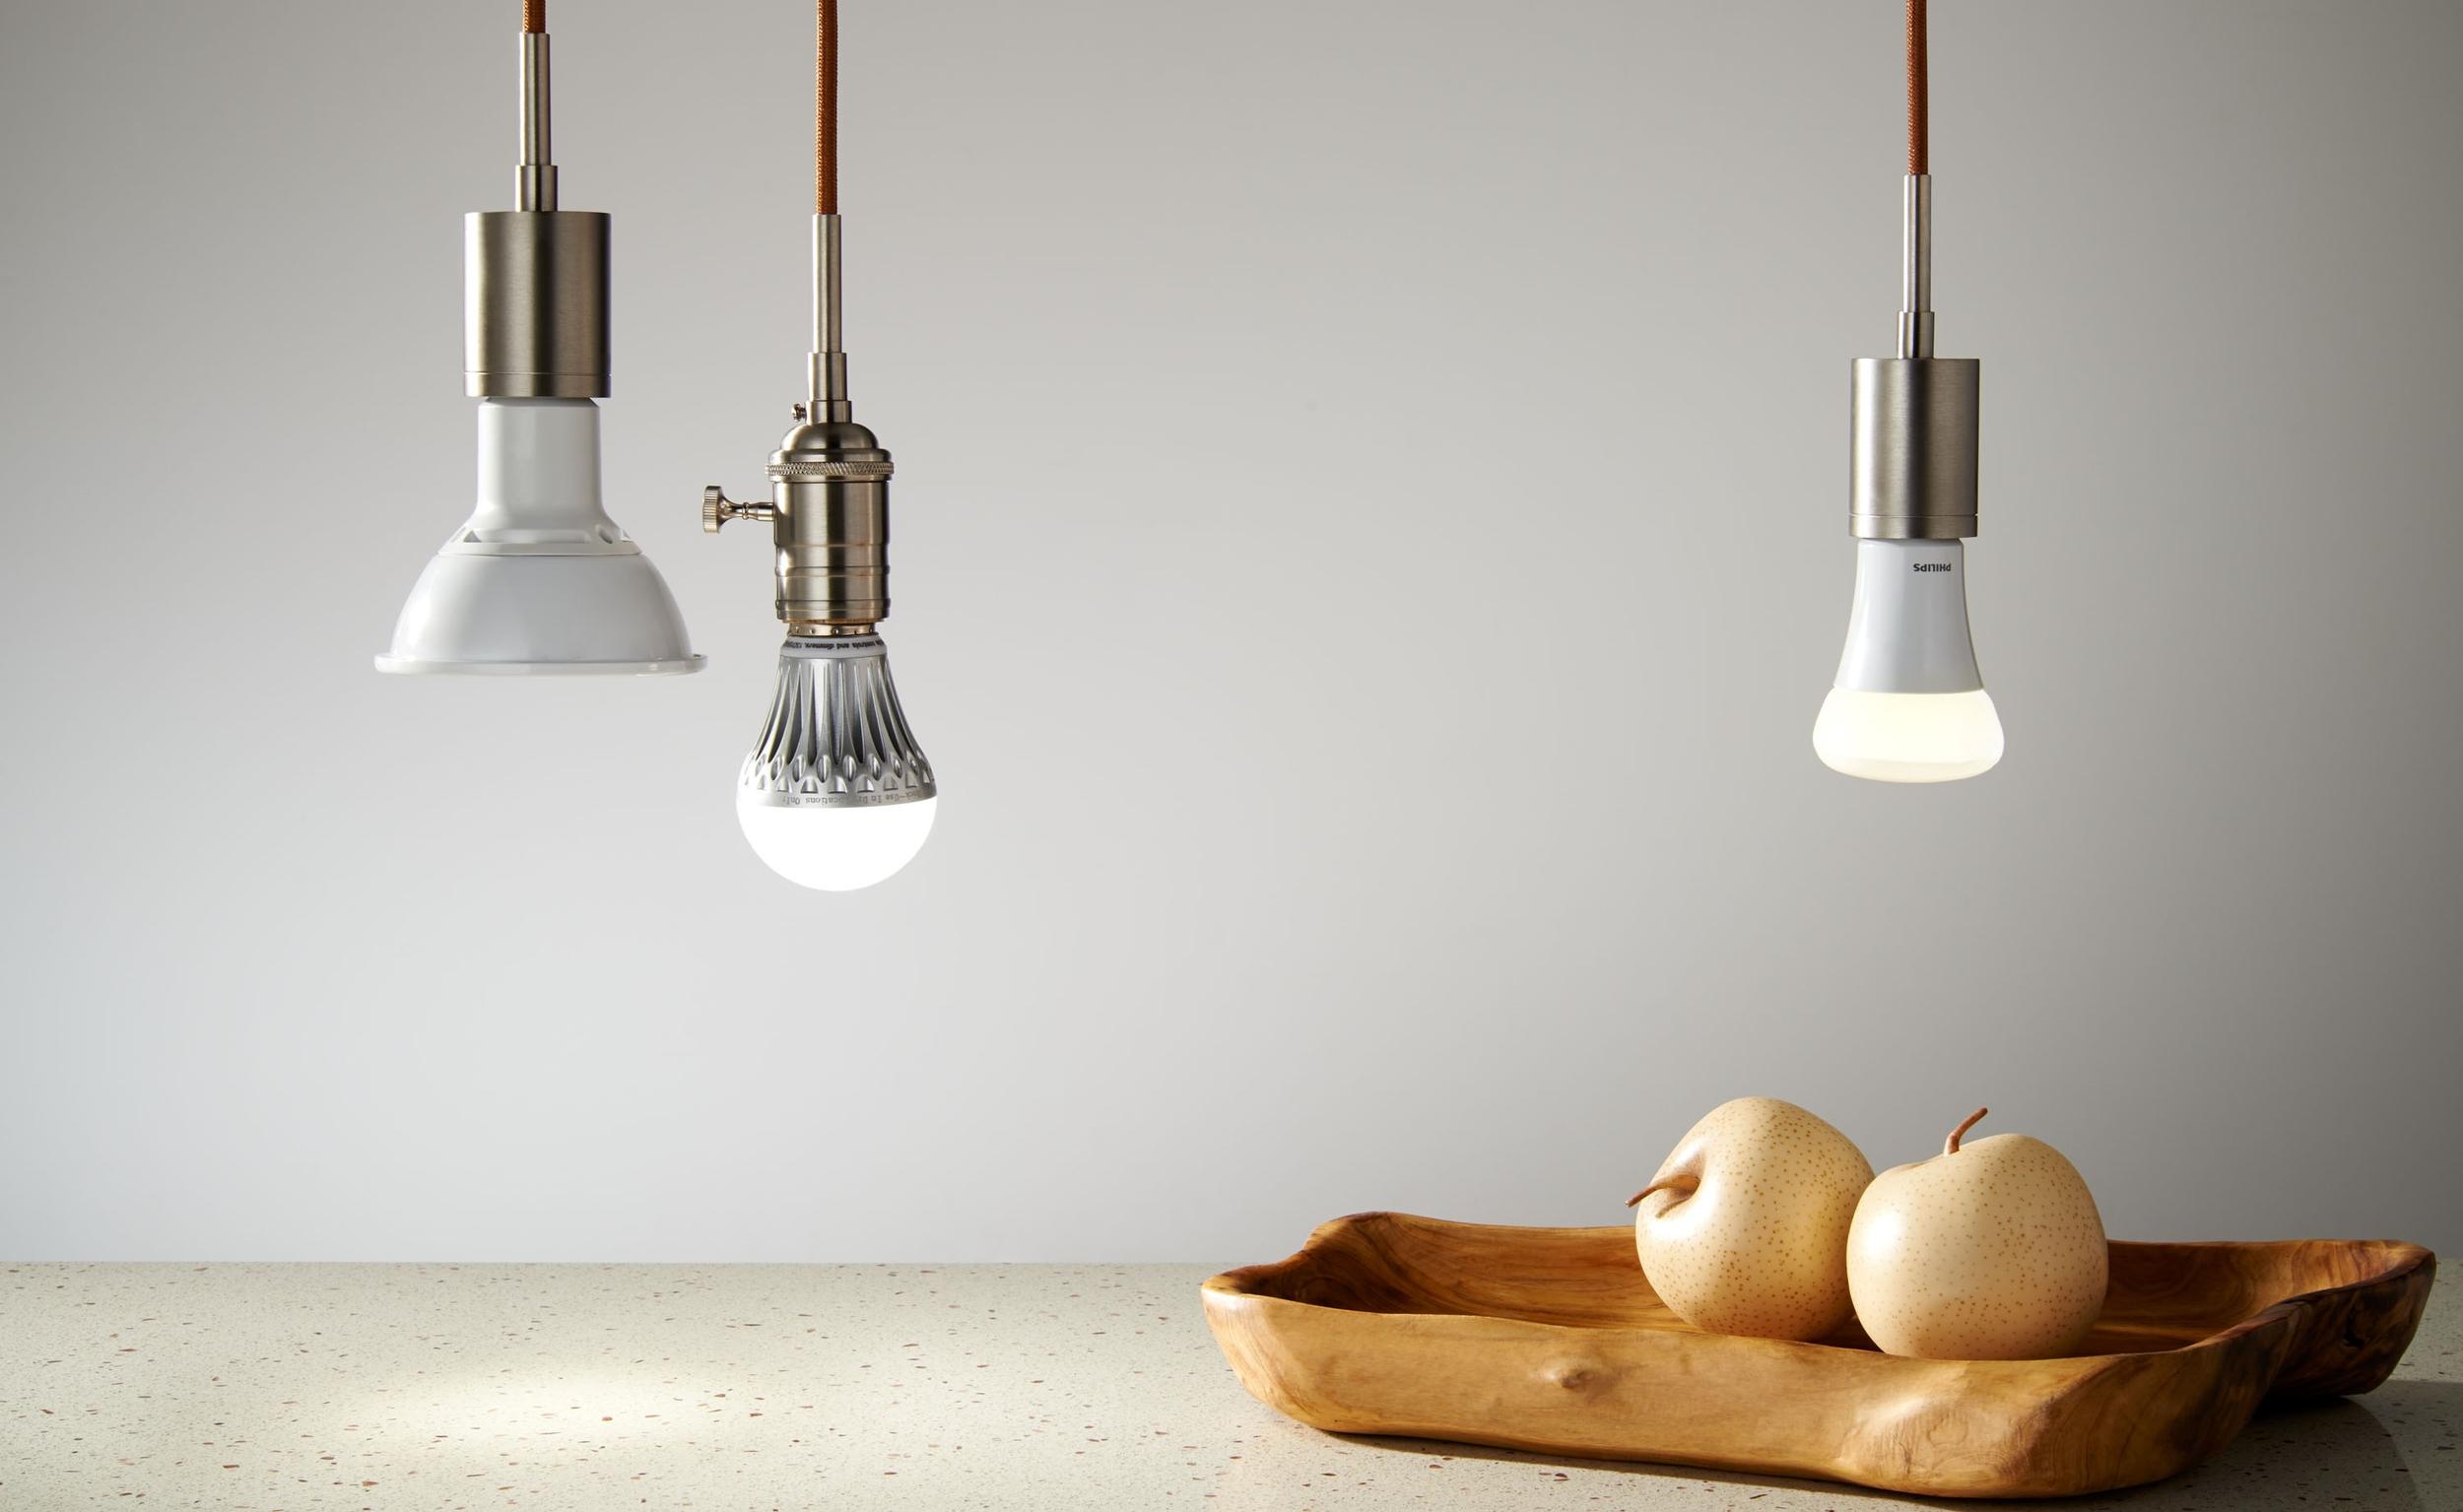 Carrington lighting led bulbs arubaitofo Image collections